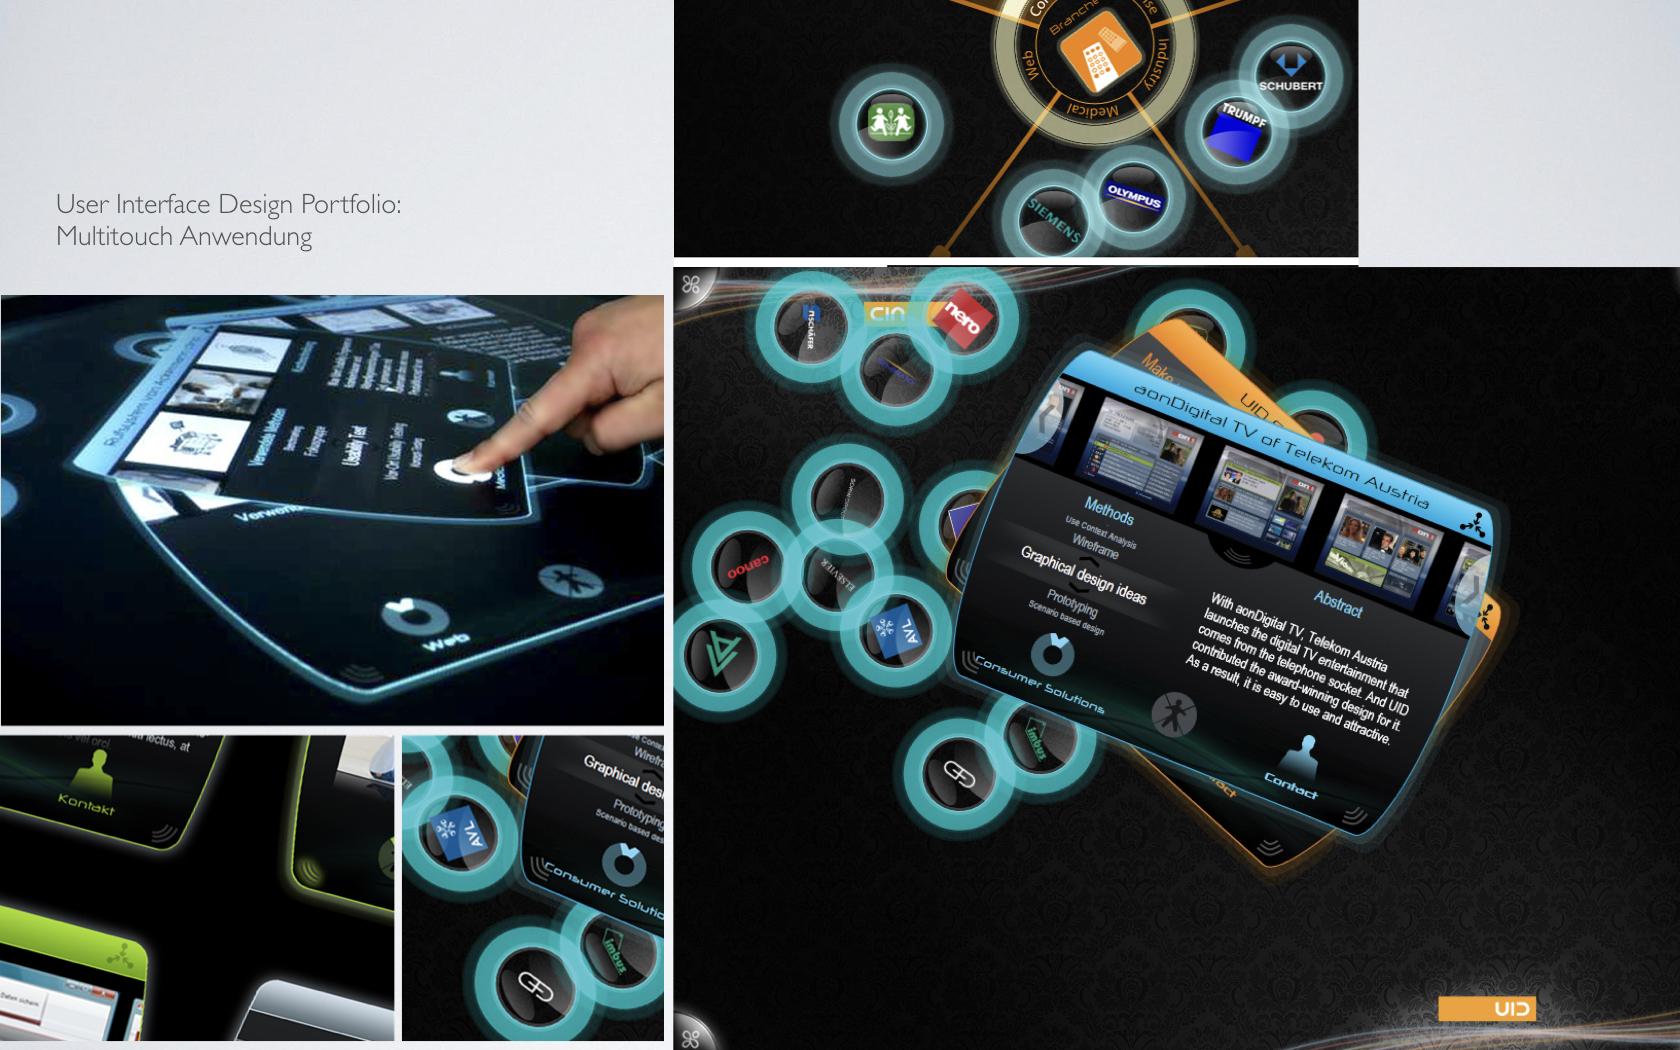 Darstellung des Multitouch Tabes, den Cristián Acevedo Zambrano in seiner Masterarbeit bei UID entwarf